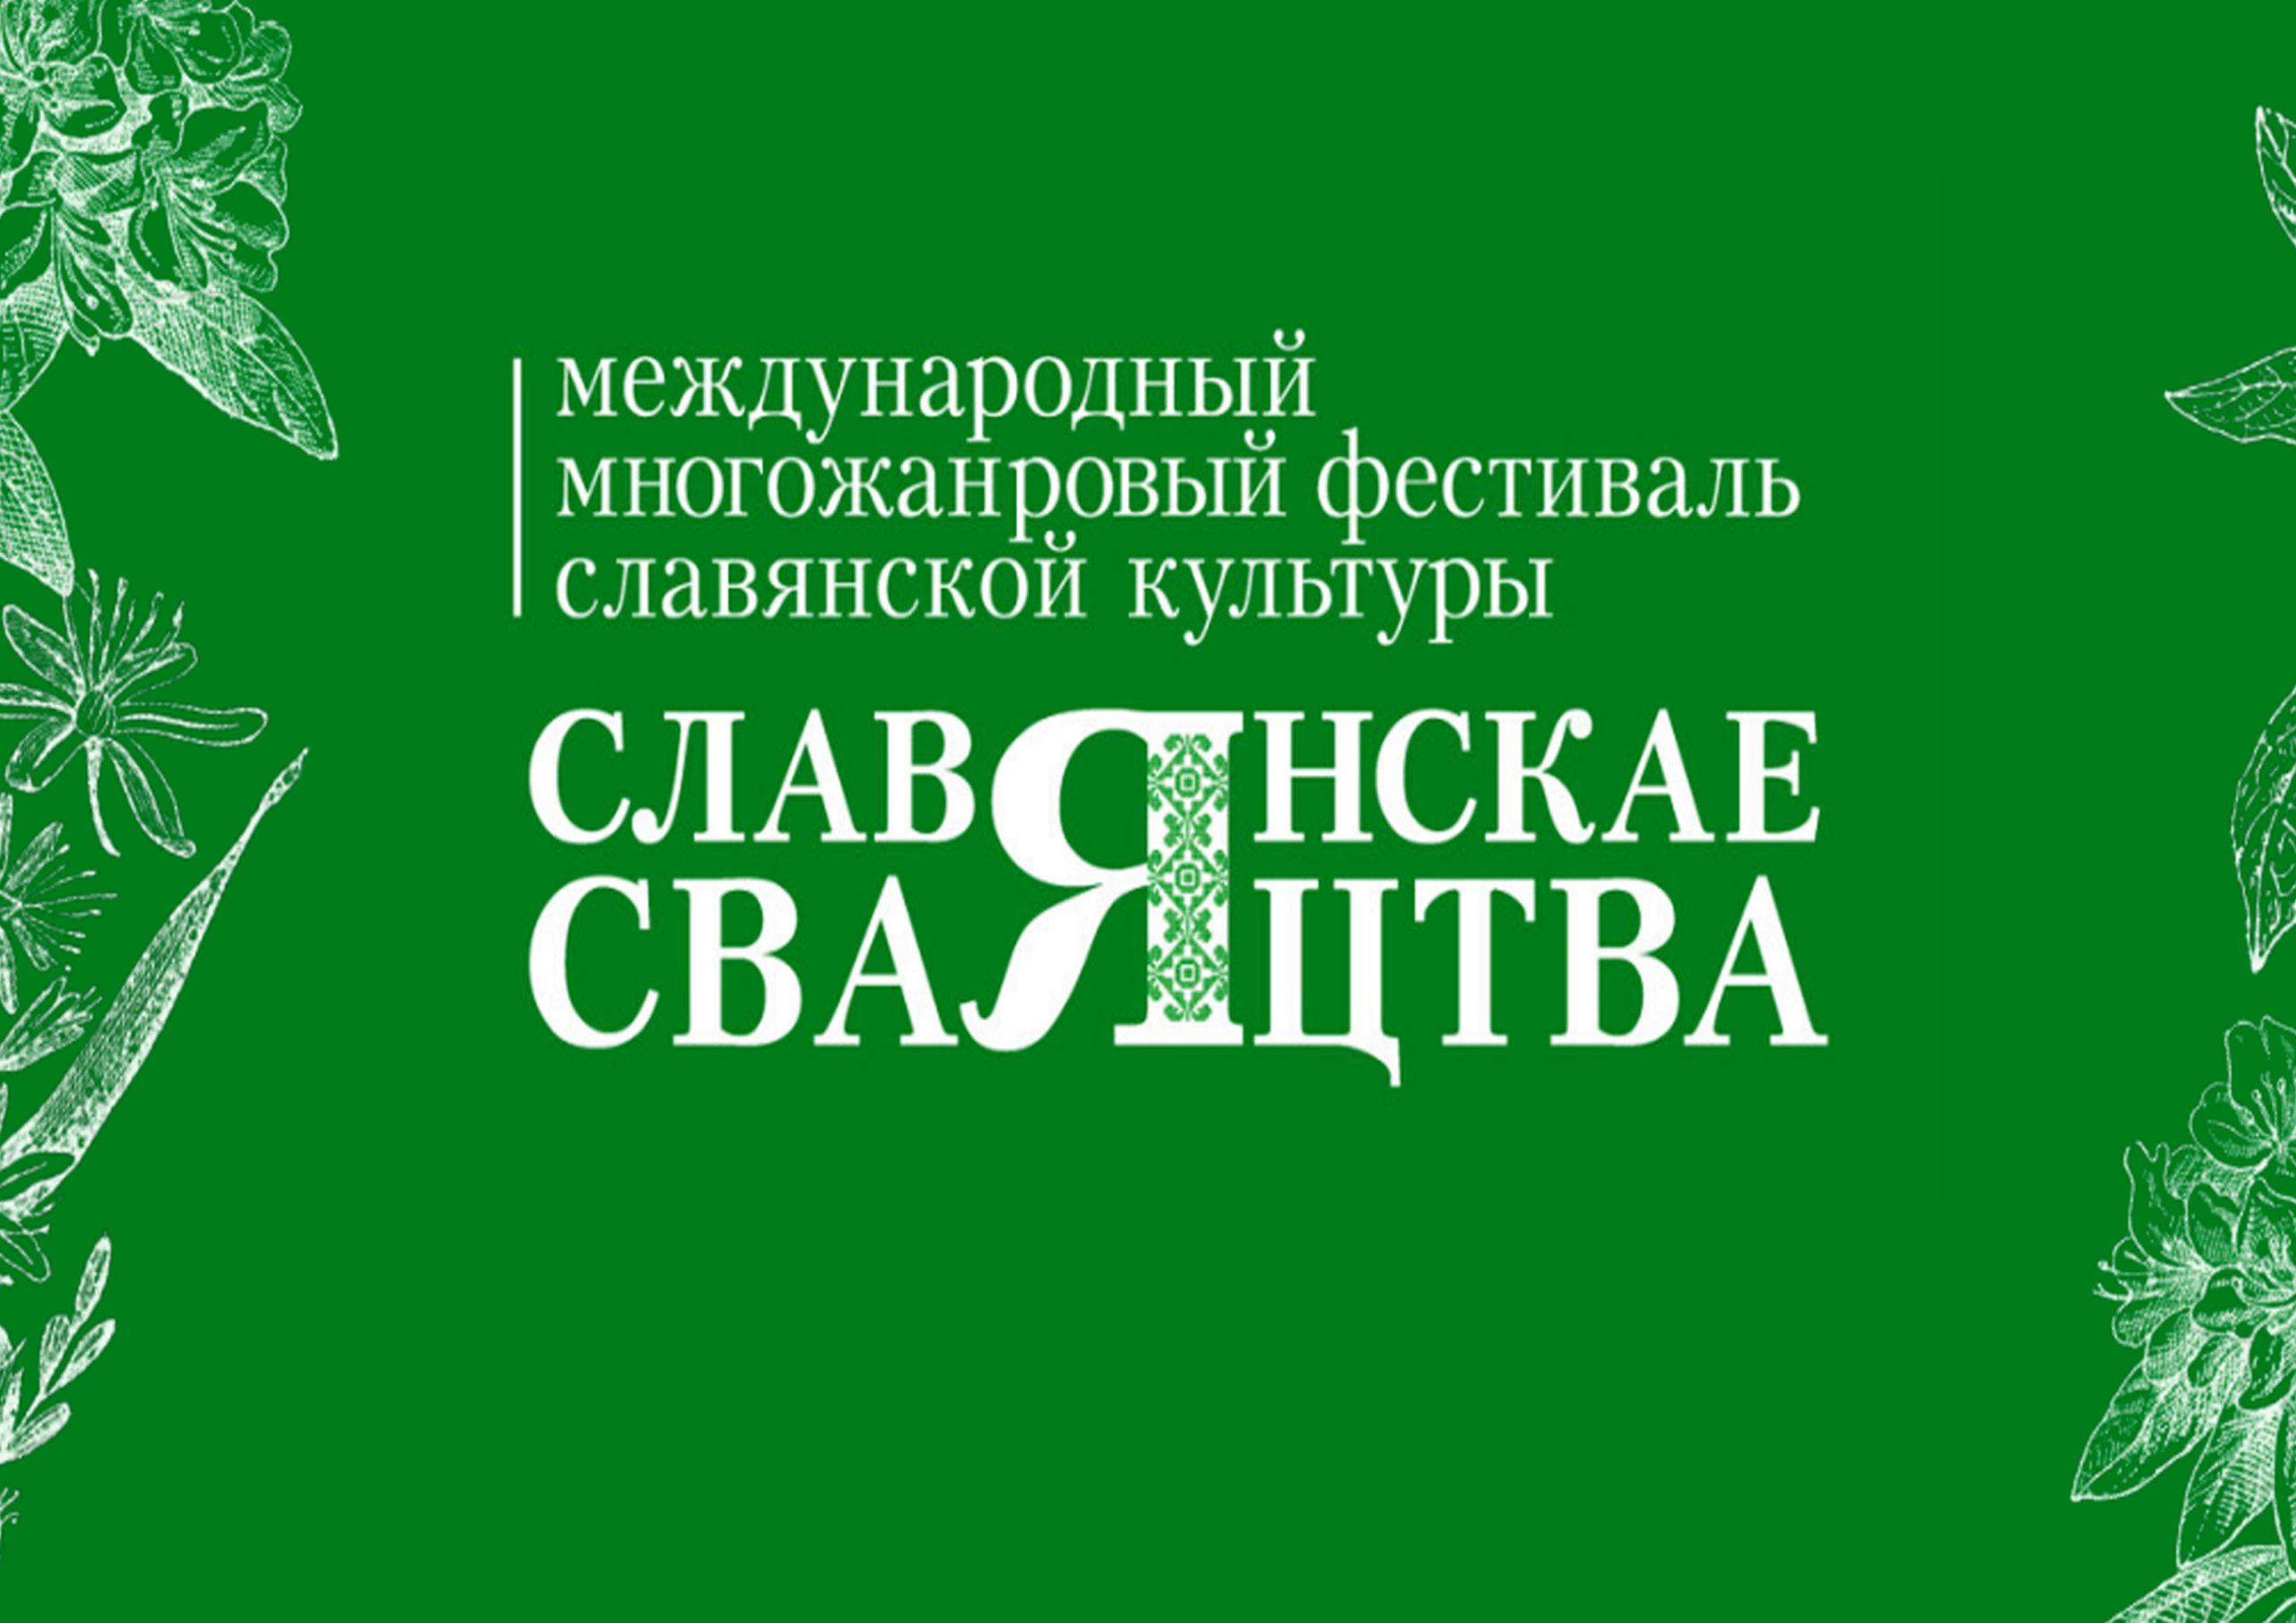 Ансамбль «Русский строй» обладатель Гран-при международного конкурса «Славянскае сваяцтва»